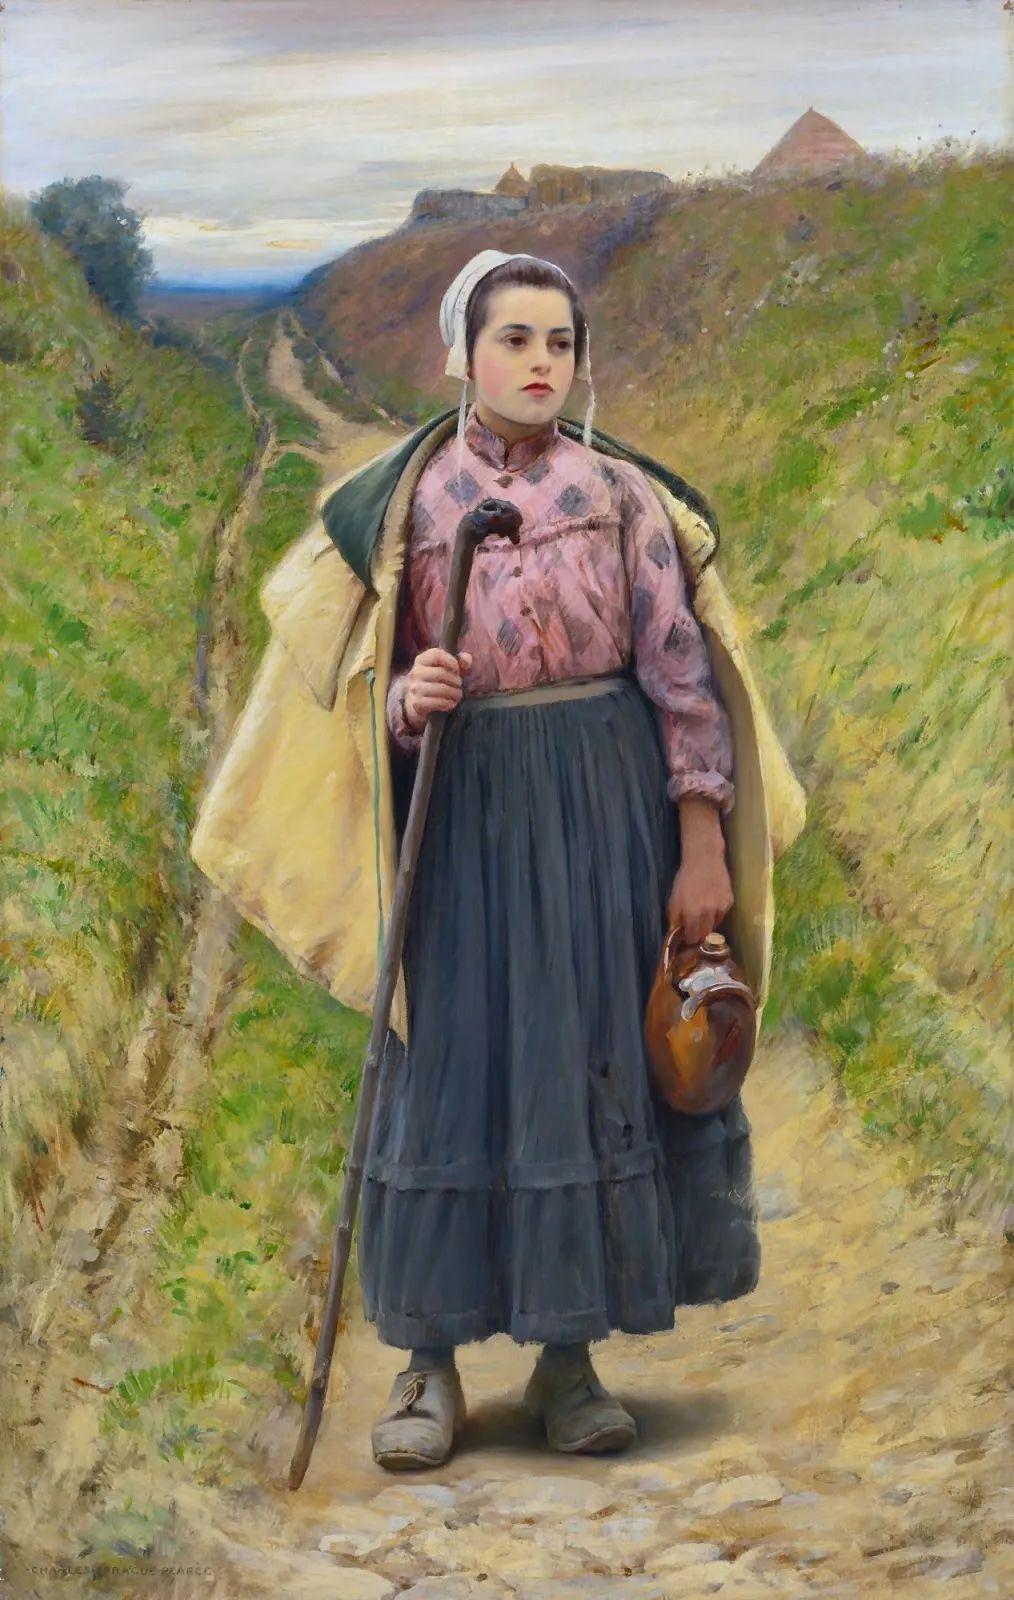 鲜活的法国乡村生活场景,迷人的村姑!插图17